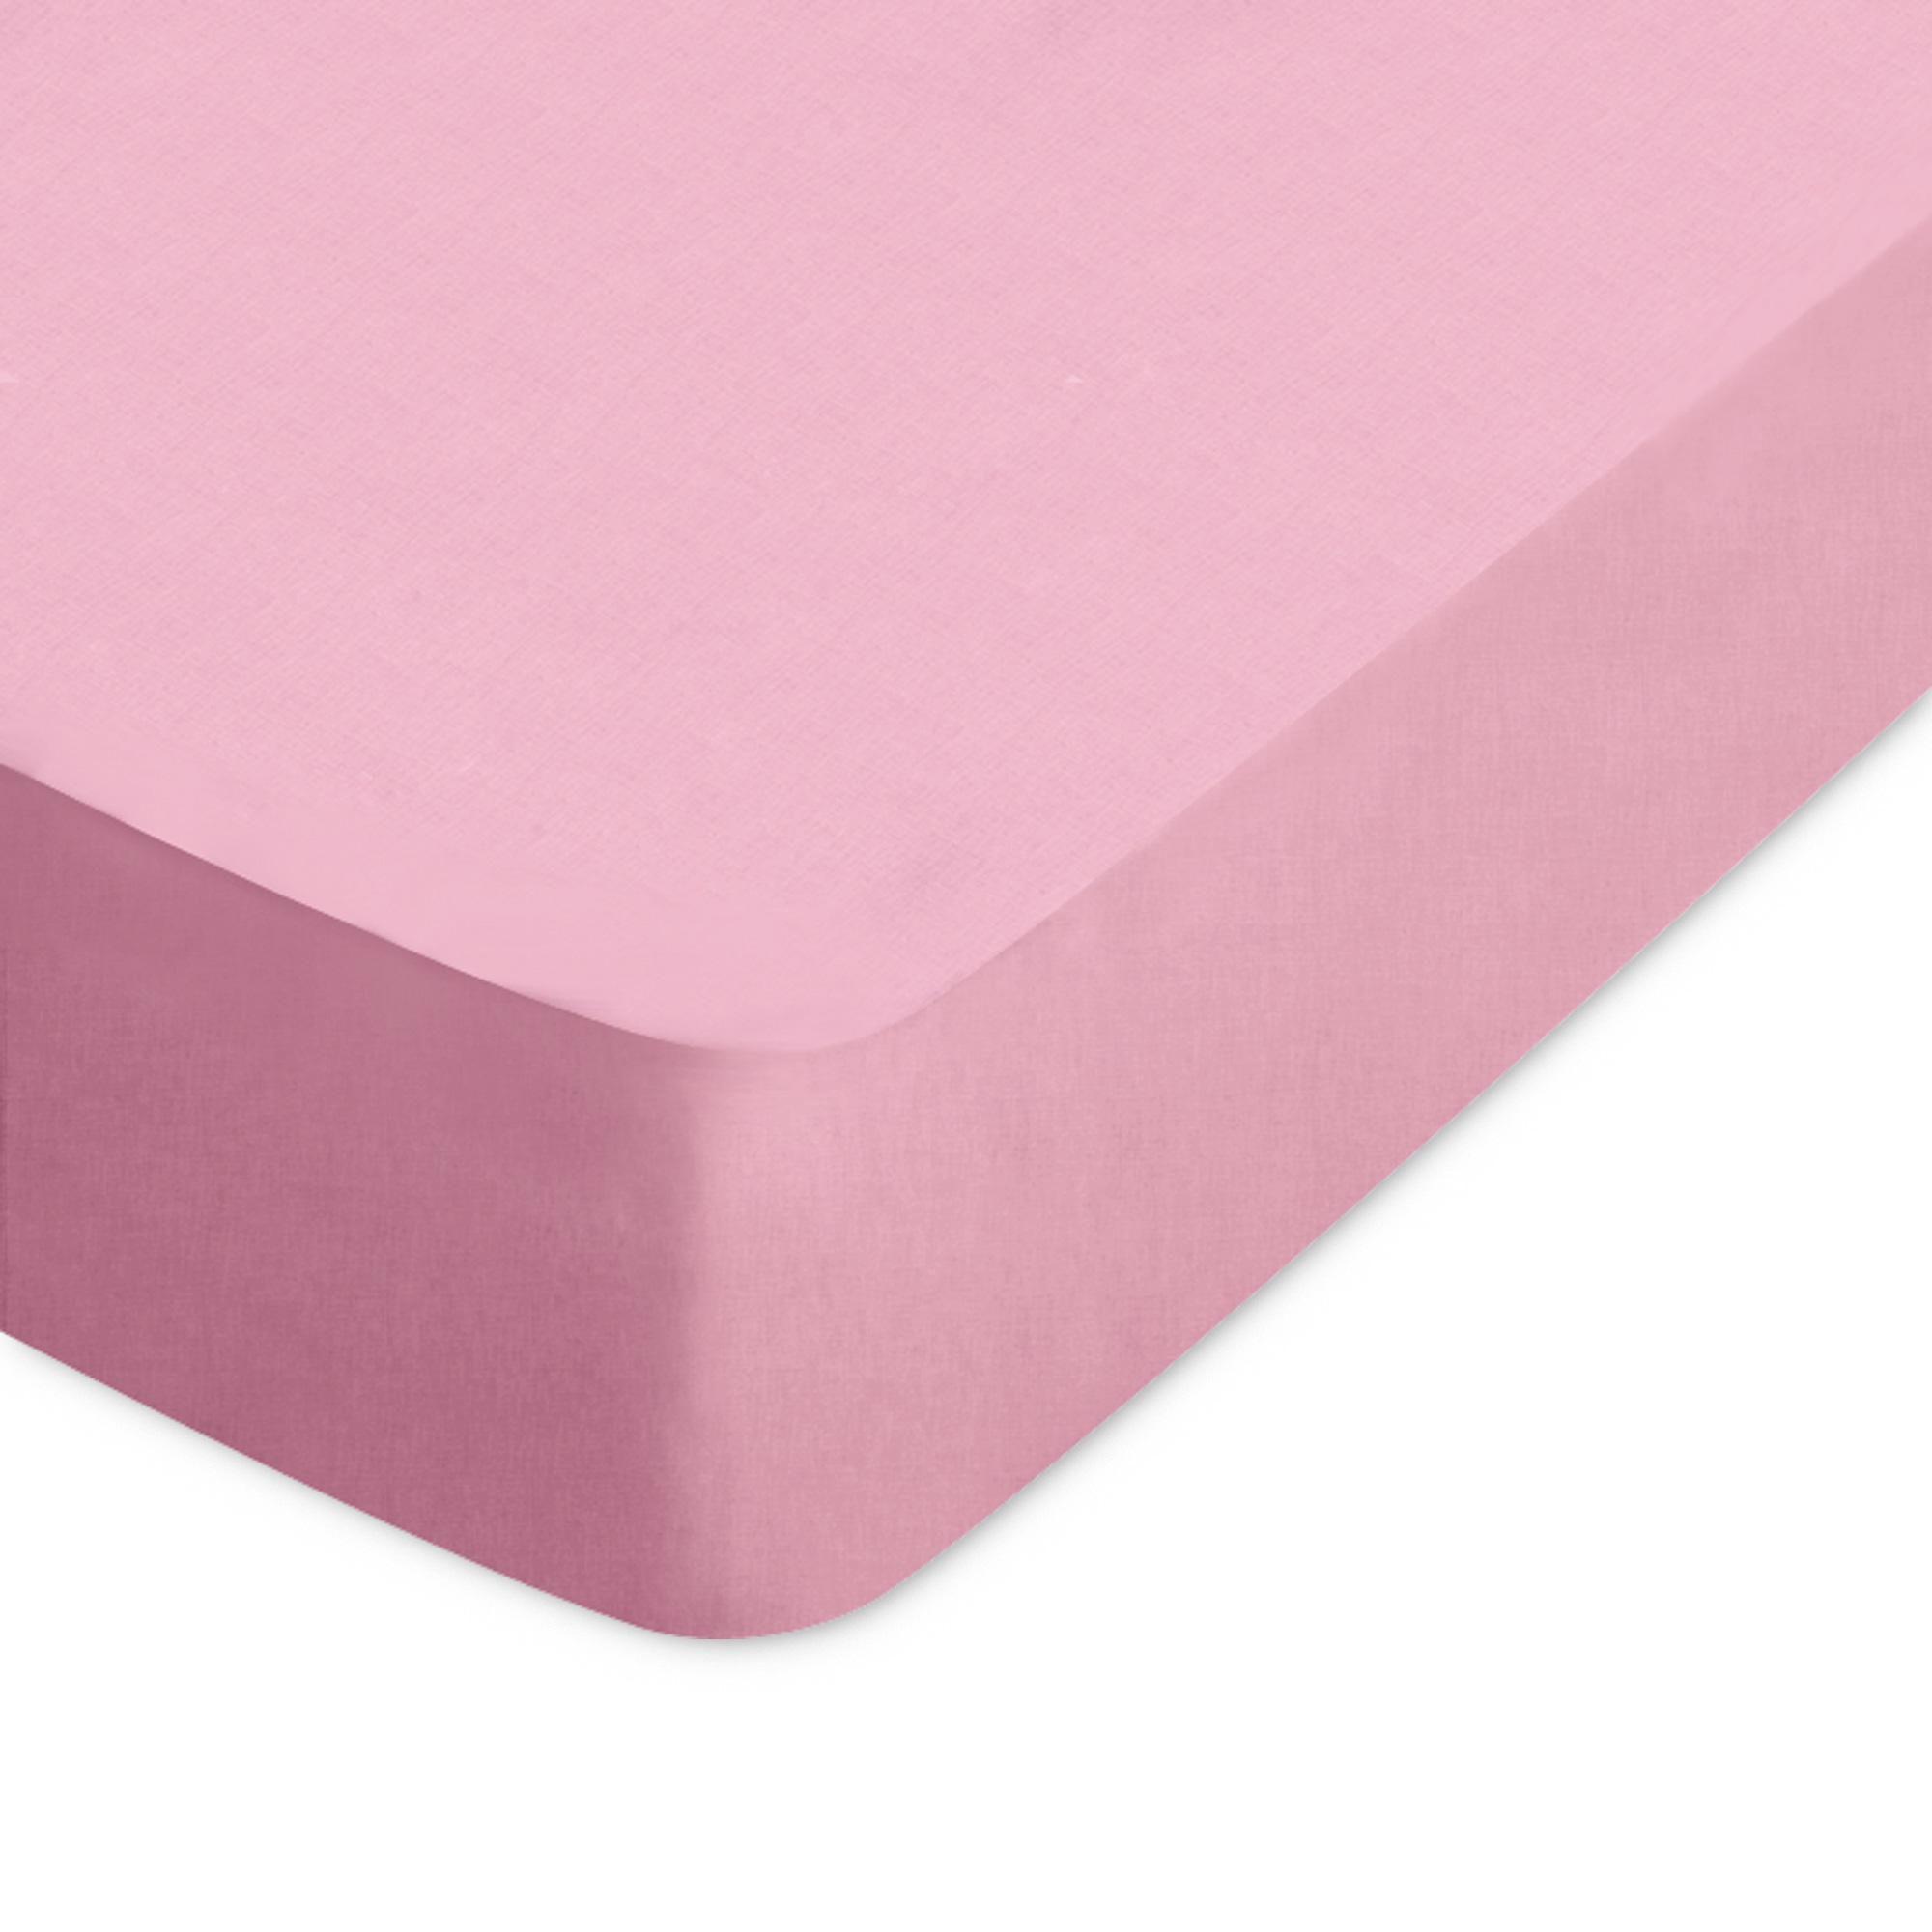 drap housse coton 200x220 macaron achat vente drap housse cdiscount. Black Bedroom Furniture Sets. Home Design Ideas